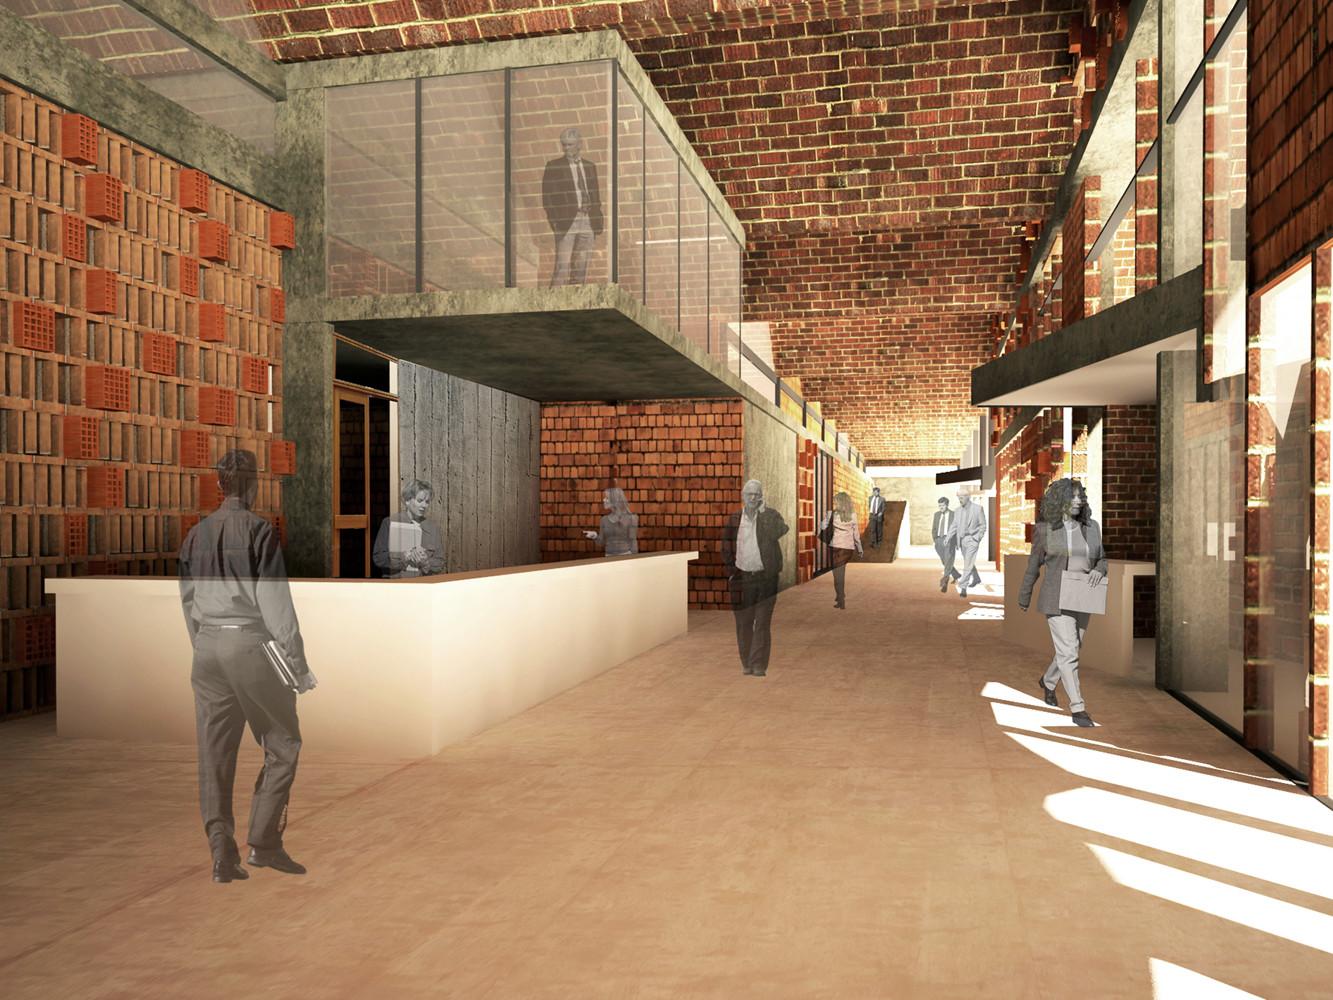 Hall. Image Cortesia de Equipo Mención Honrosa